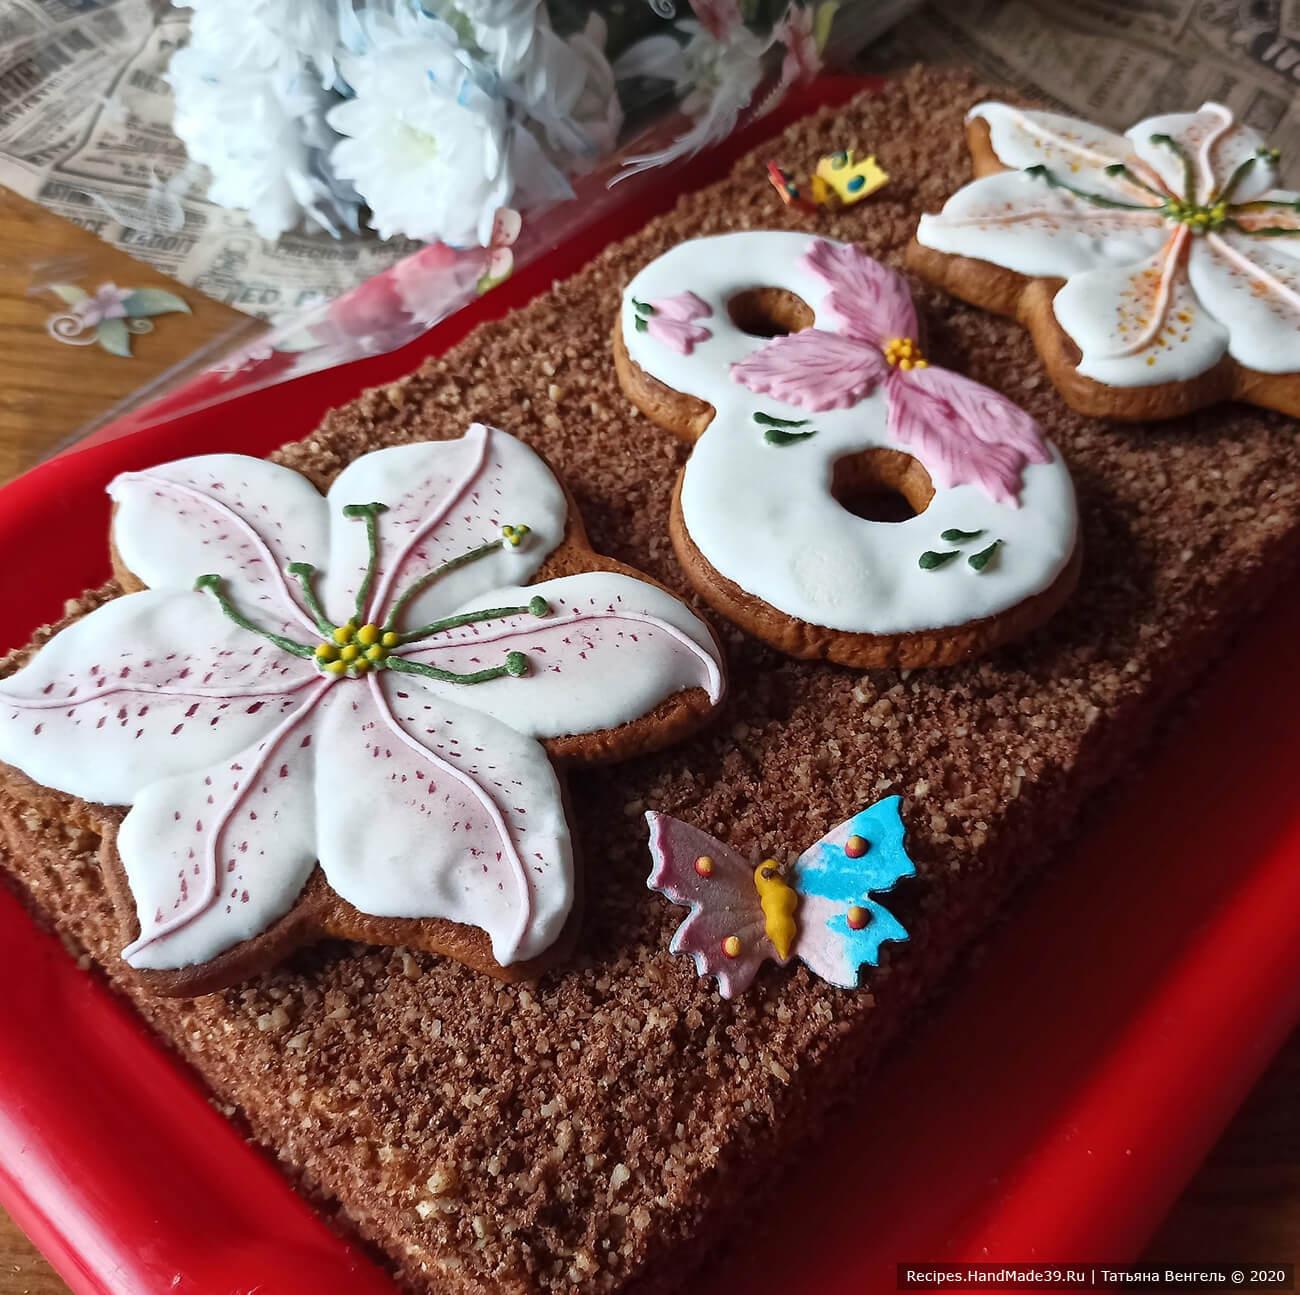 Торт-медовик украсить по своему вкусу. У меня имбирные пряники